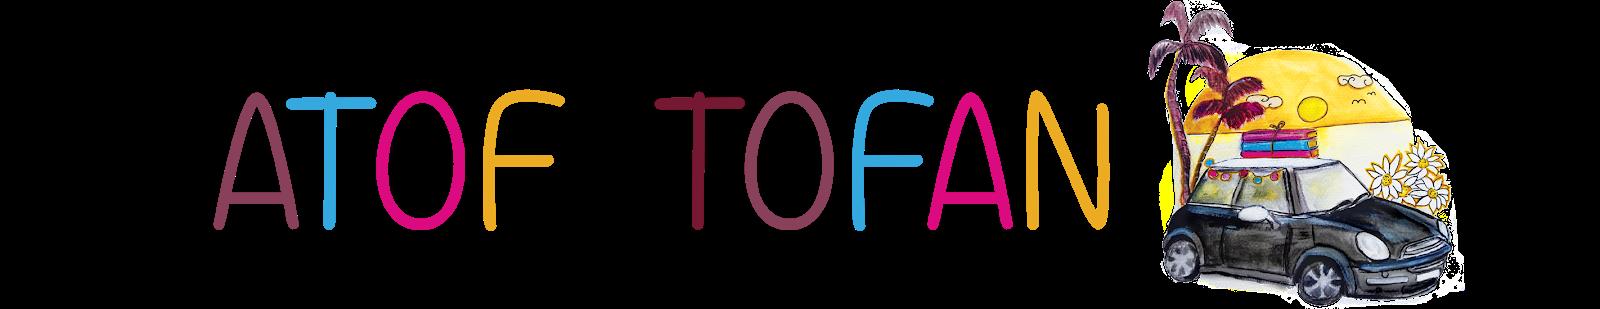 Fatofan